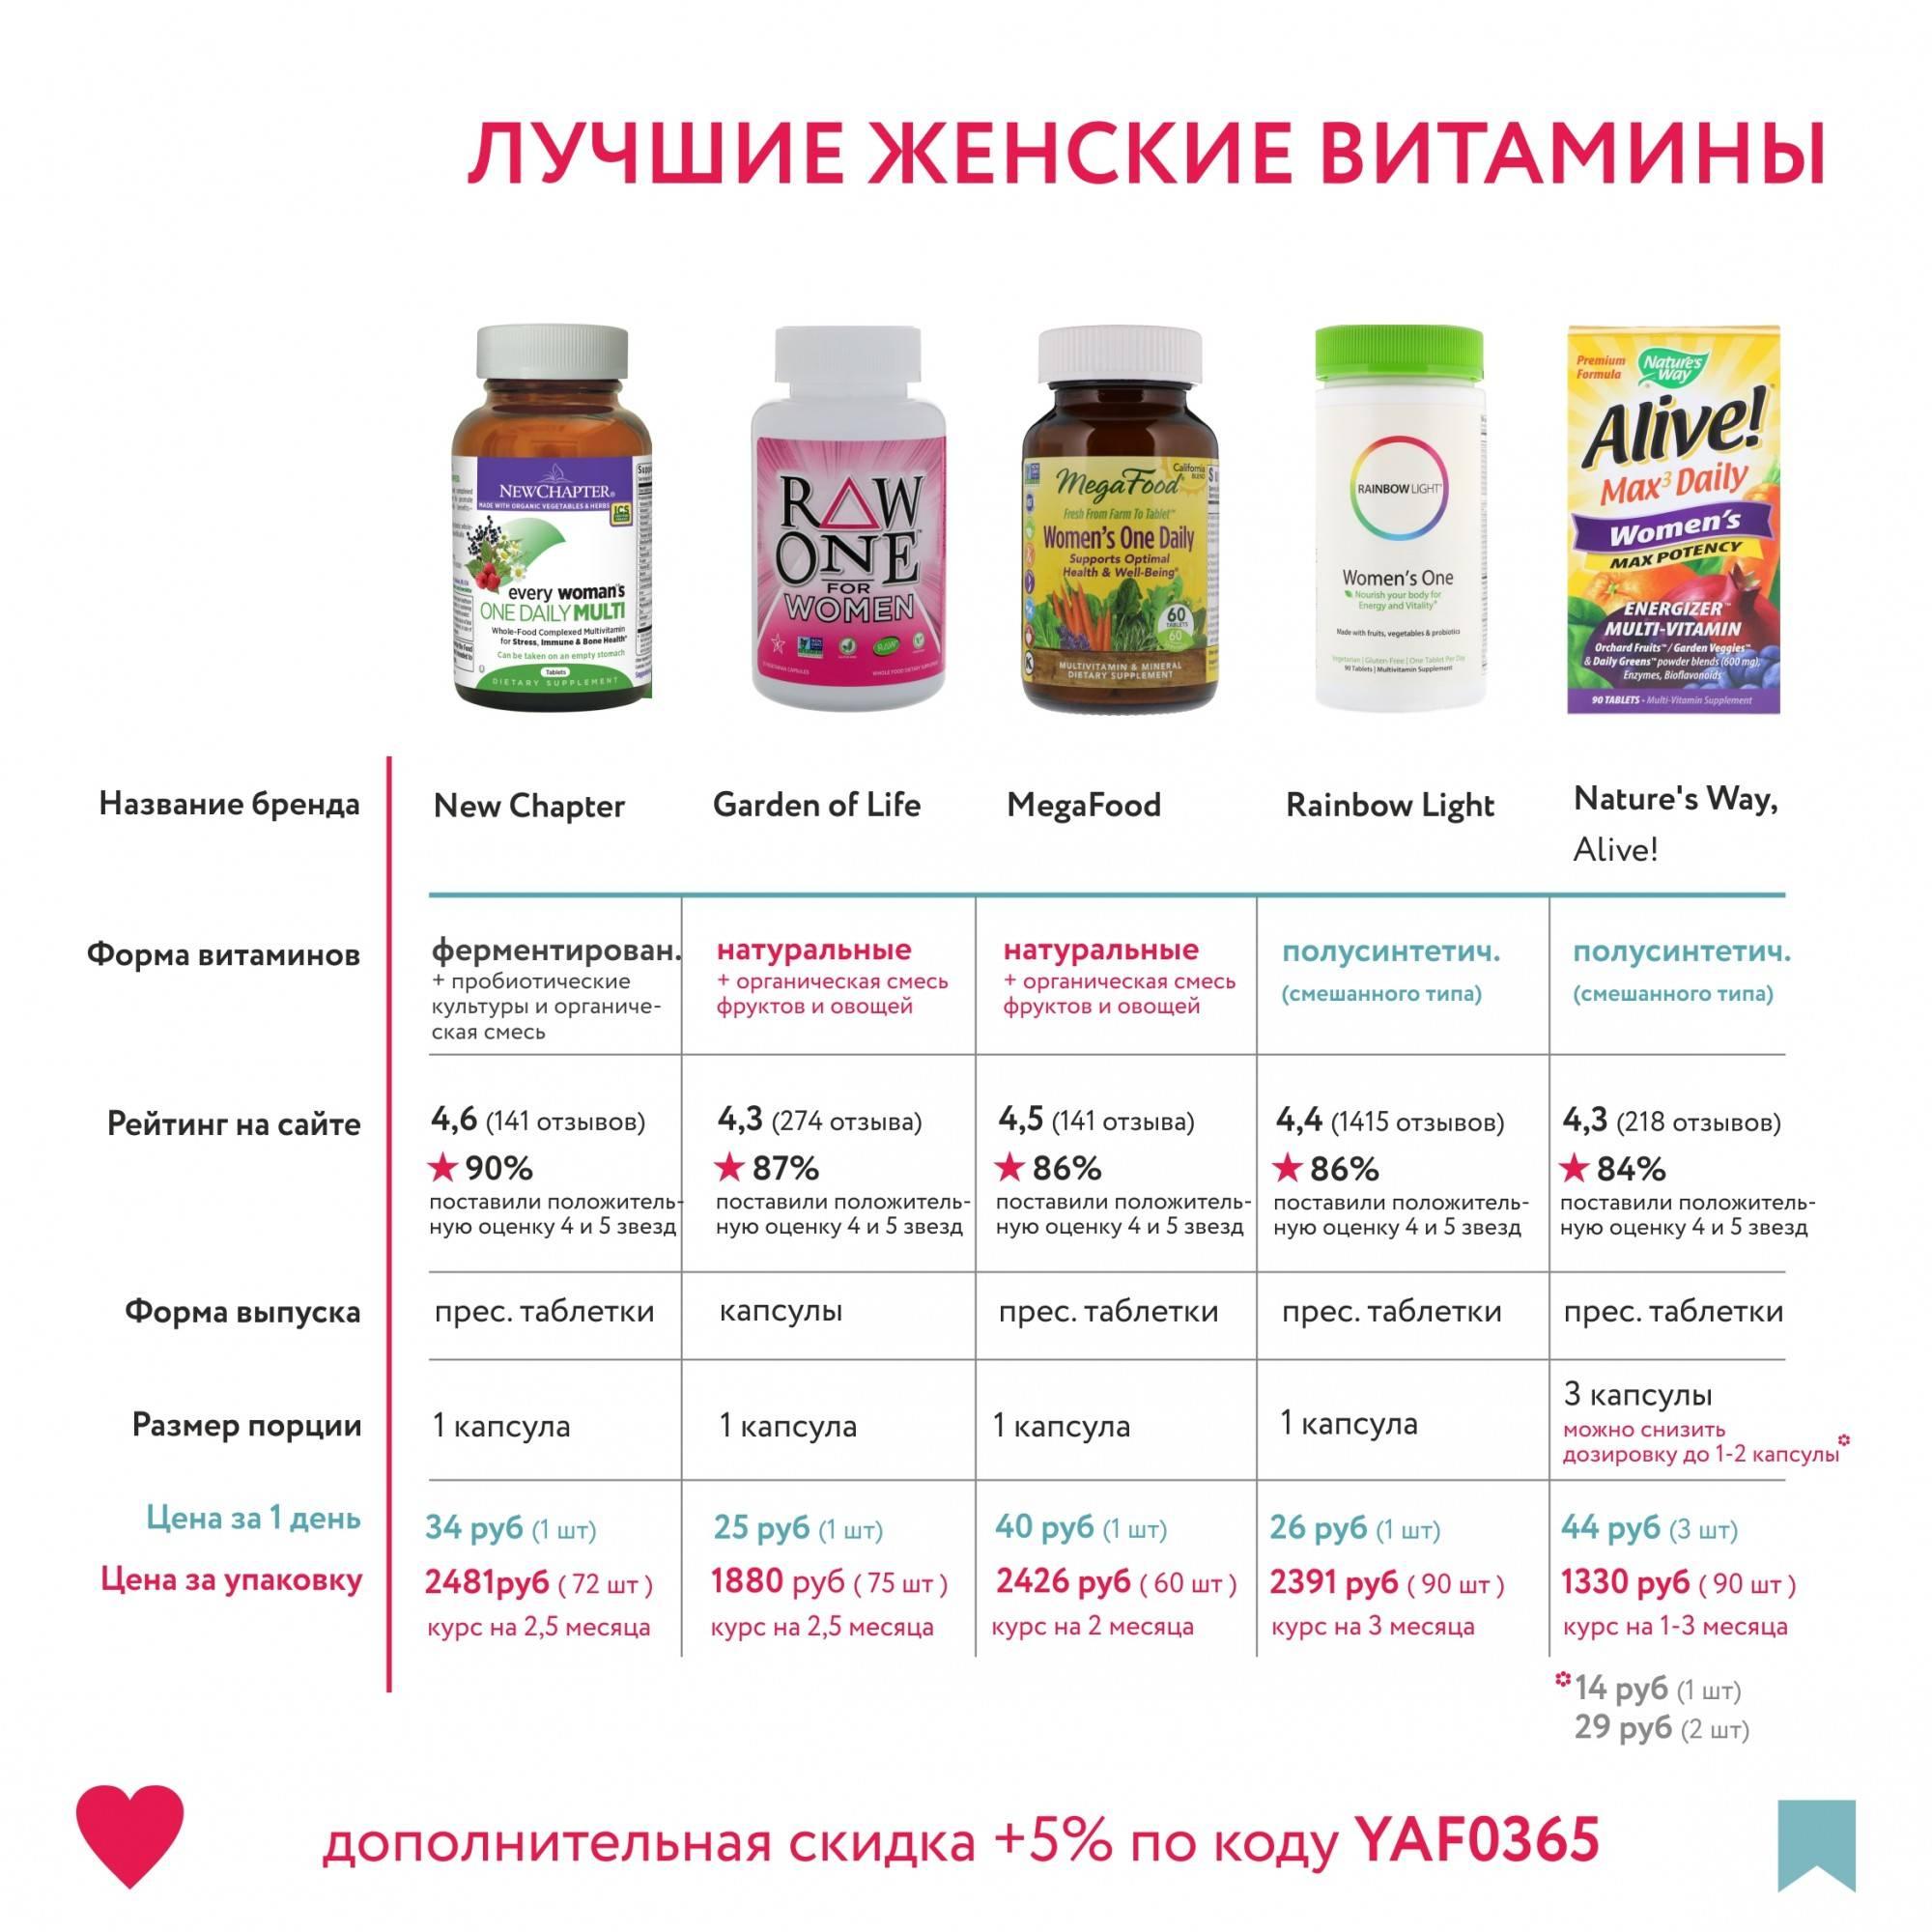 Какие витамины пить после родов для восстановления?